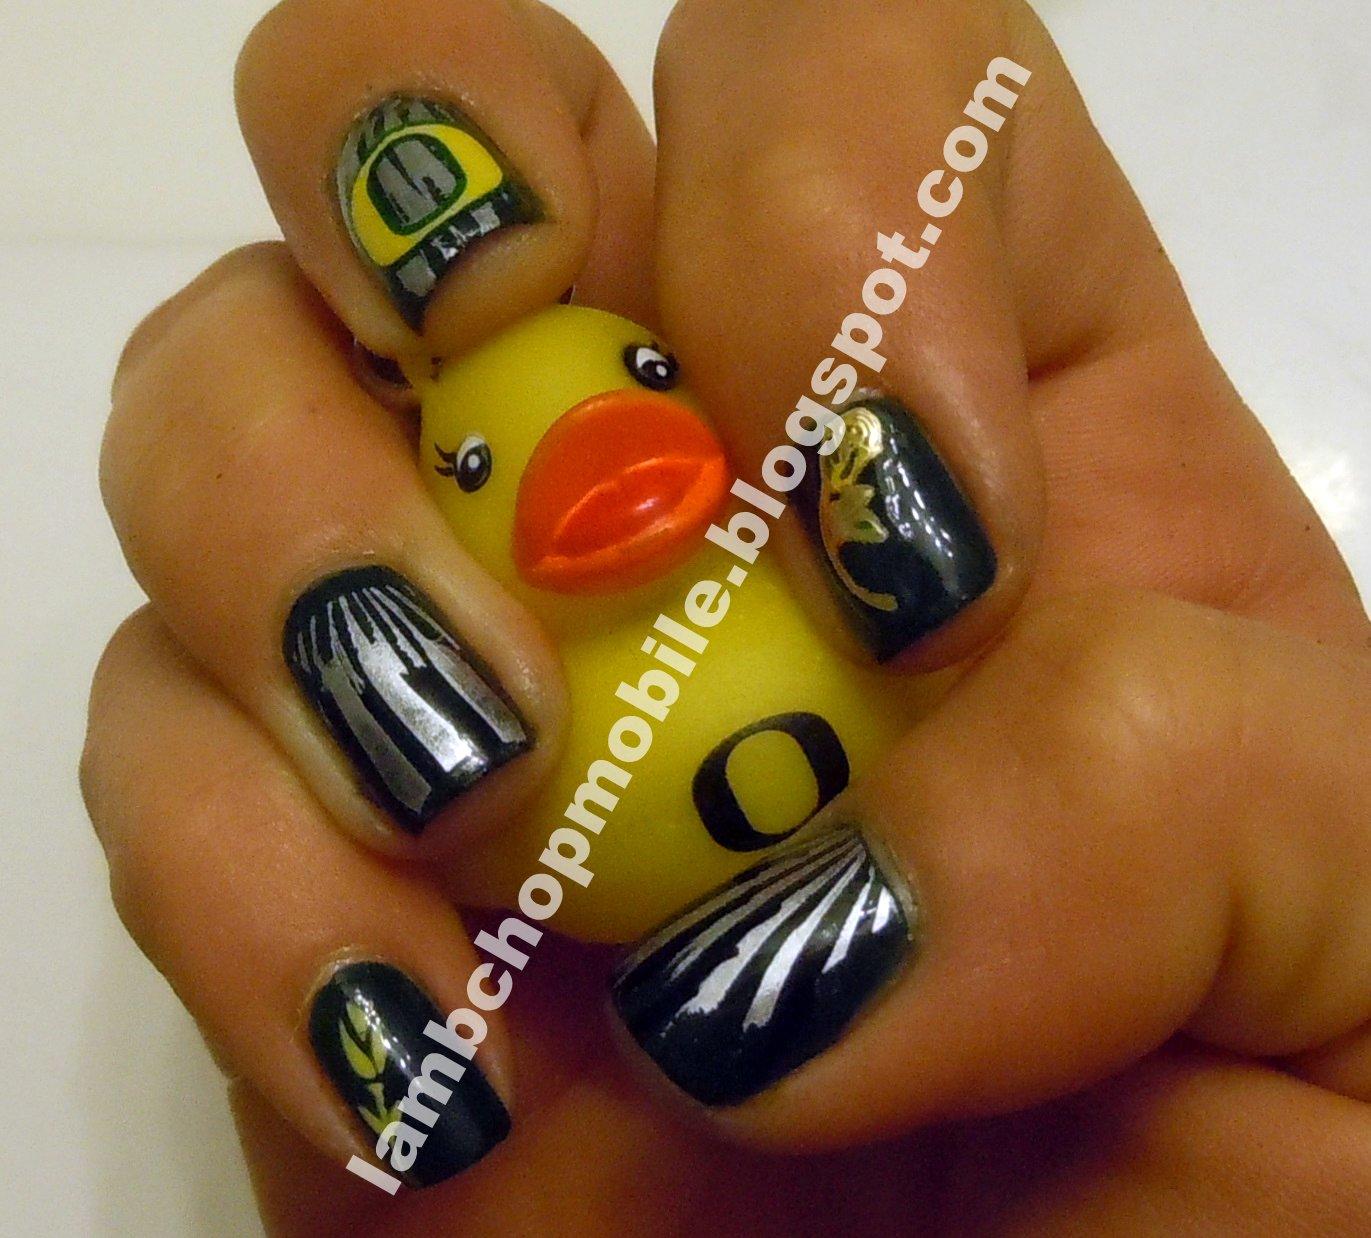 Cina Nail Creations Nail Art Decals: Featured products cina nail art ...